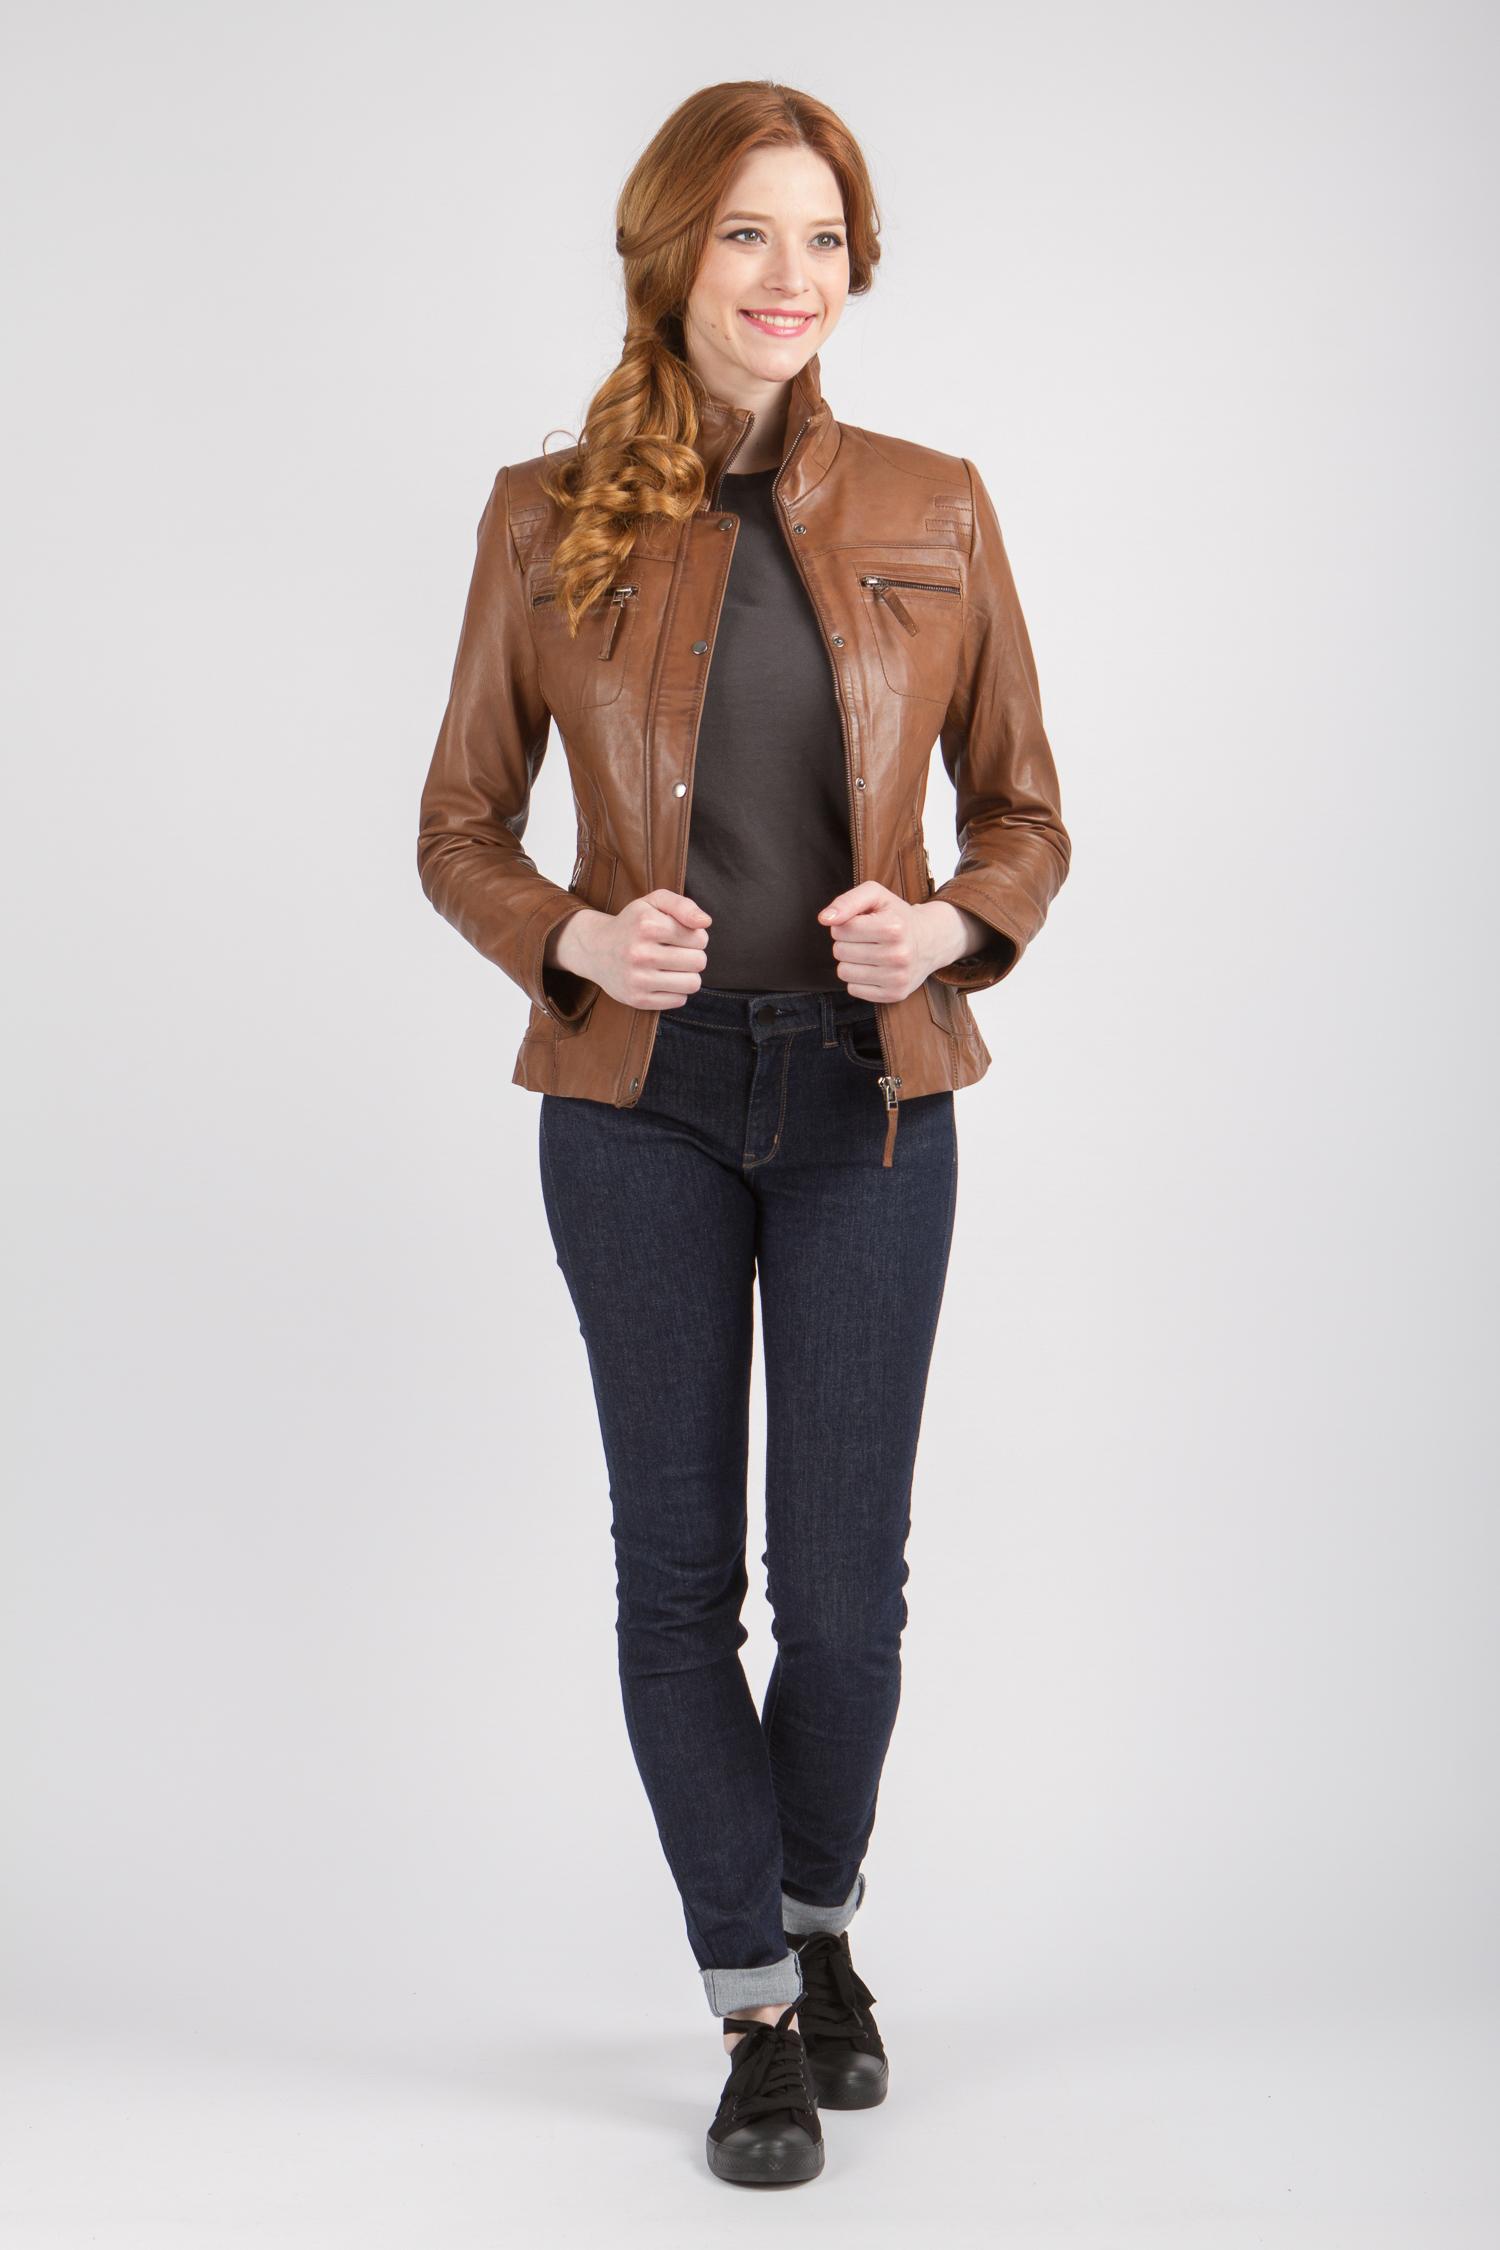 Куртки из кожи женские Самара